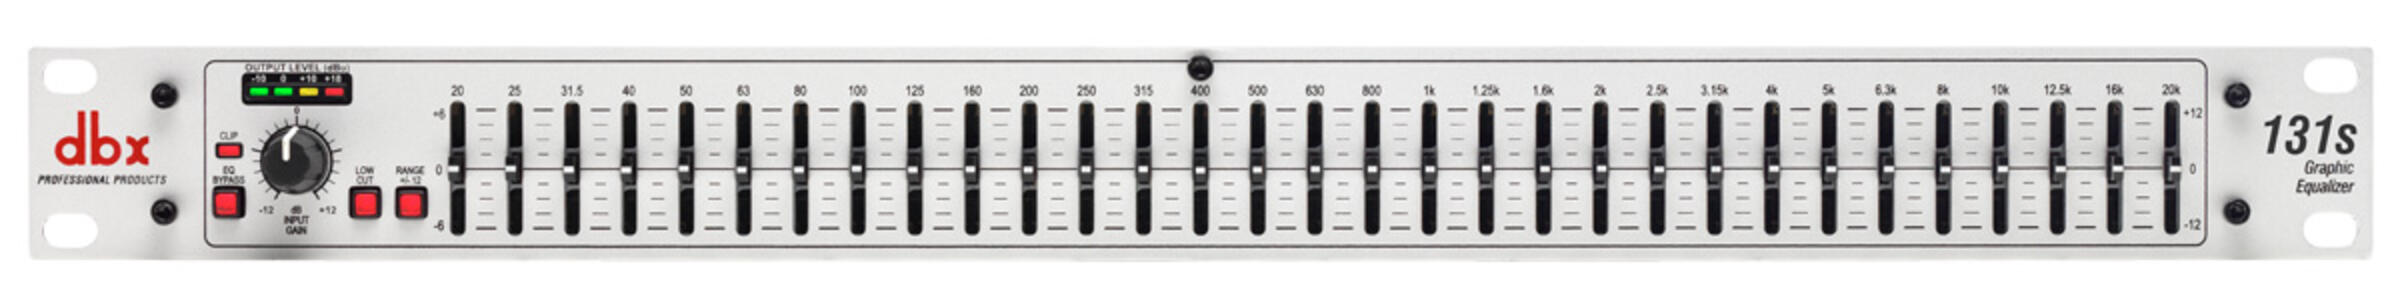 DBX - 131s